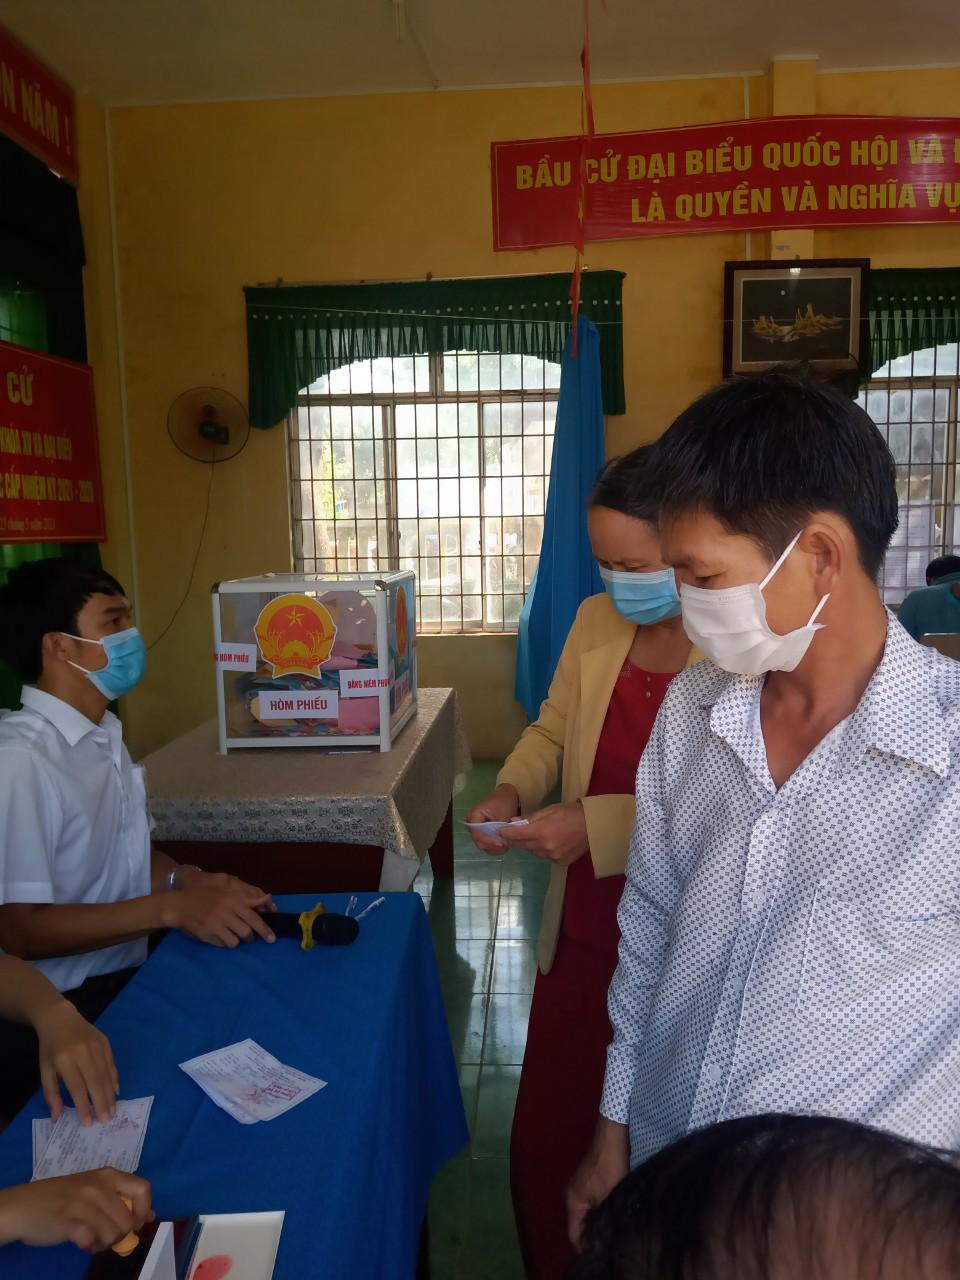 Người dân huyện đảo Lý Sơn tham gia bỏ phiếu trong ngày bầu cử 23/5